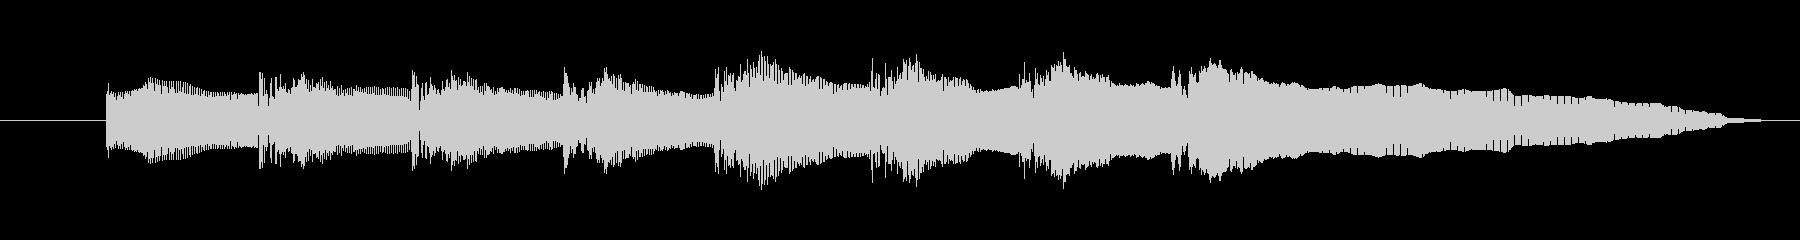 ドレミファソラシドの音の未再生の波形